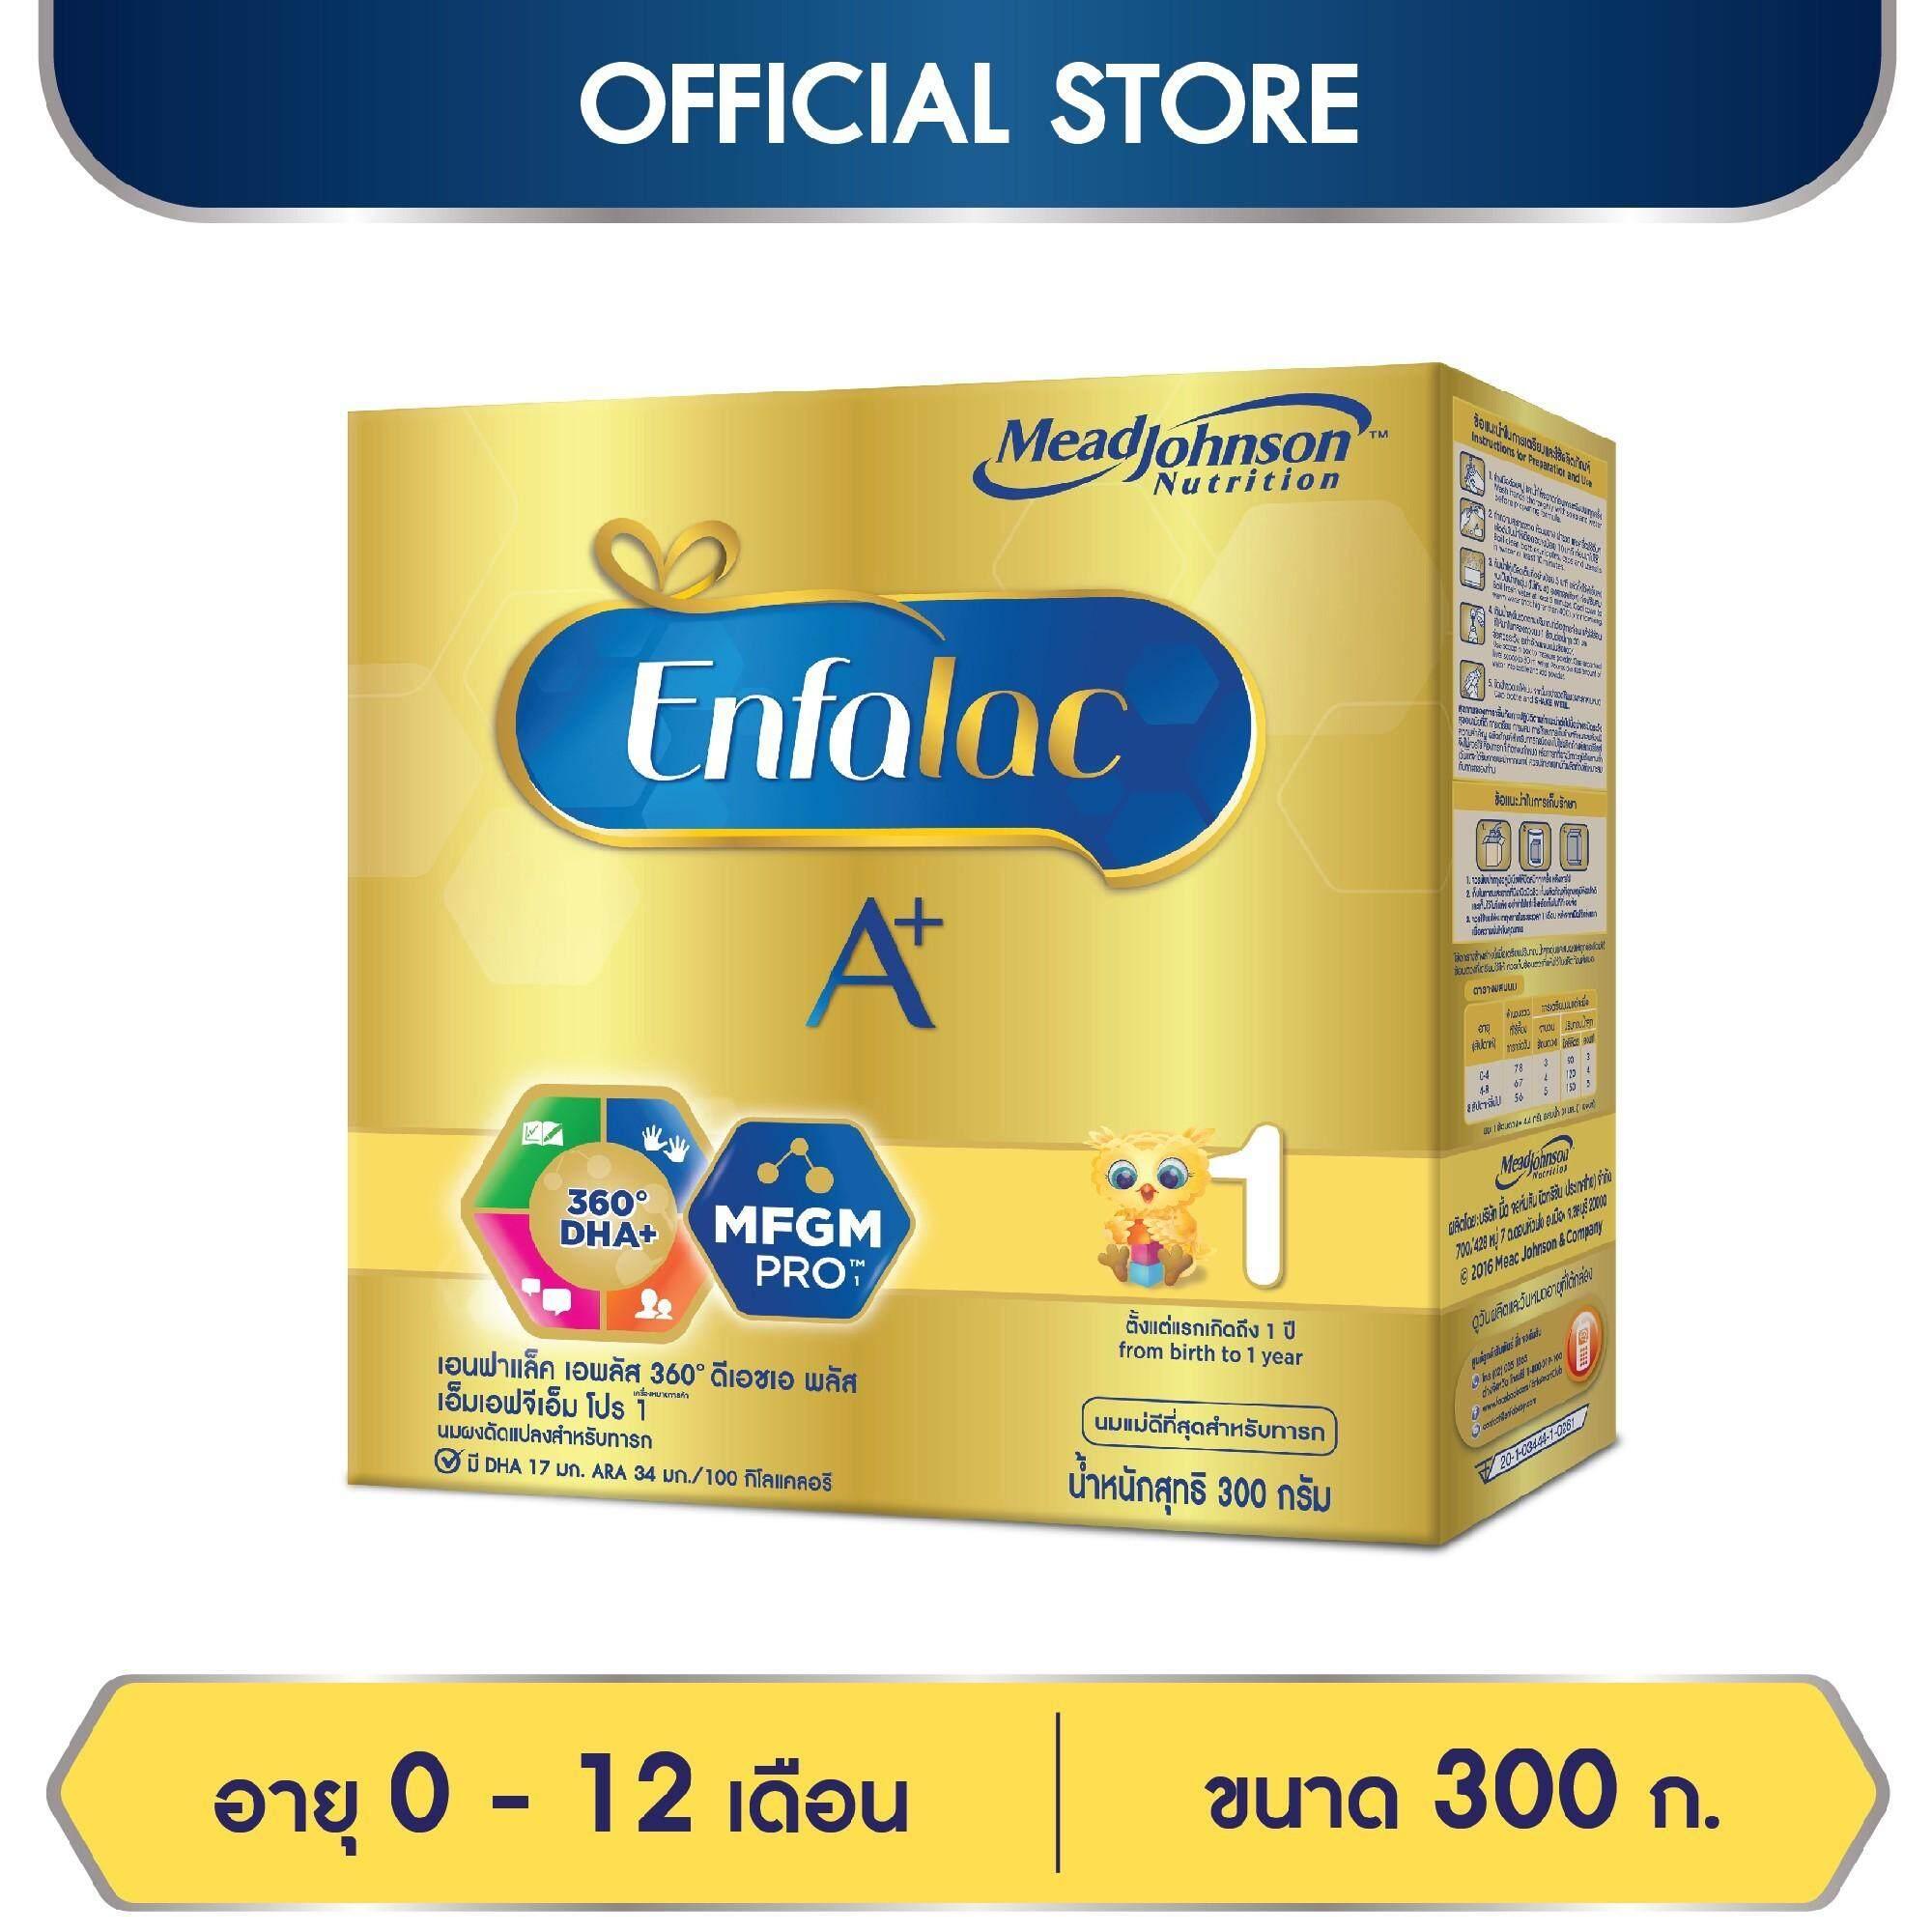 ซื้อ  นมผง Enfalac เอนฟาแล็ค เอพลัส สูตร 1 สำหรับ ทารก เด็กแรกเกิด เด็กเล็ก 300 กรัม   ราคา ของแท้